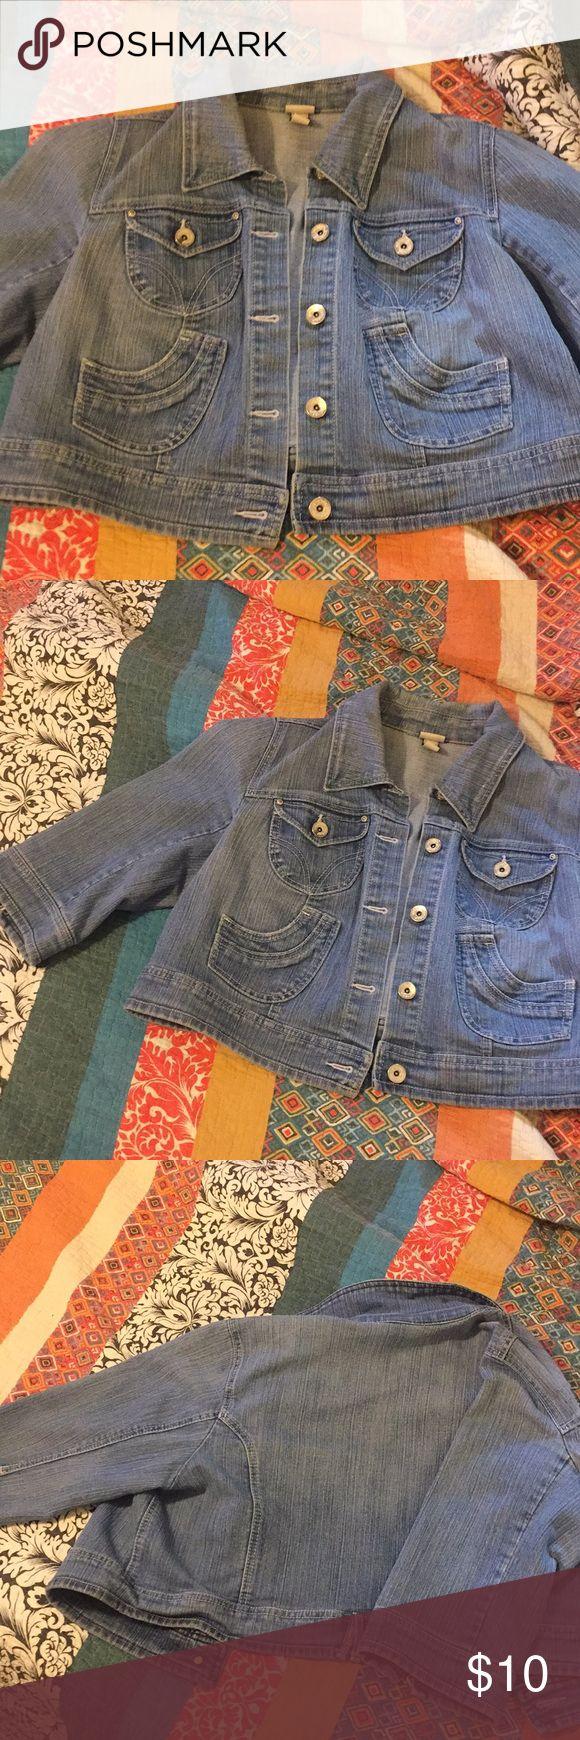 Light wash short 3/4 sleeve jean jacket Light wash Venezia plus sized 3/4 sleeve stretchy jean jacket size 18/20 Venezia Jackets & Coats Jean Jackets